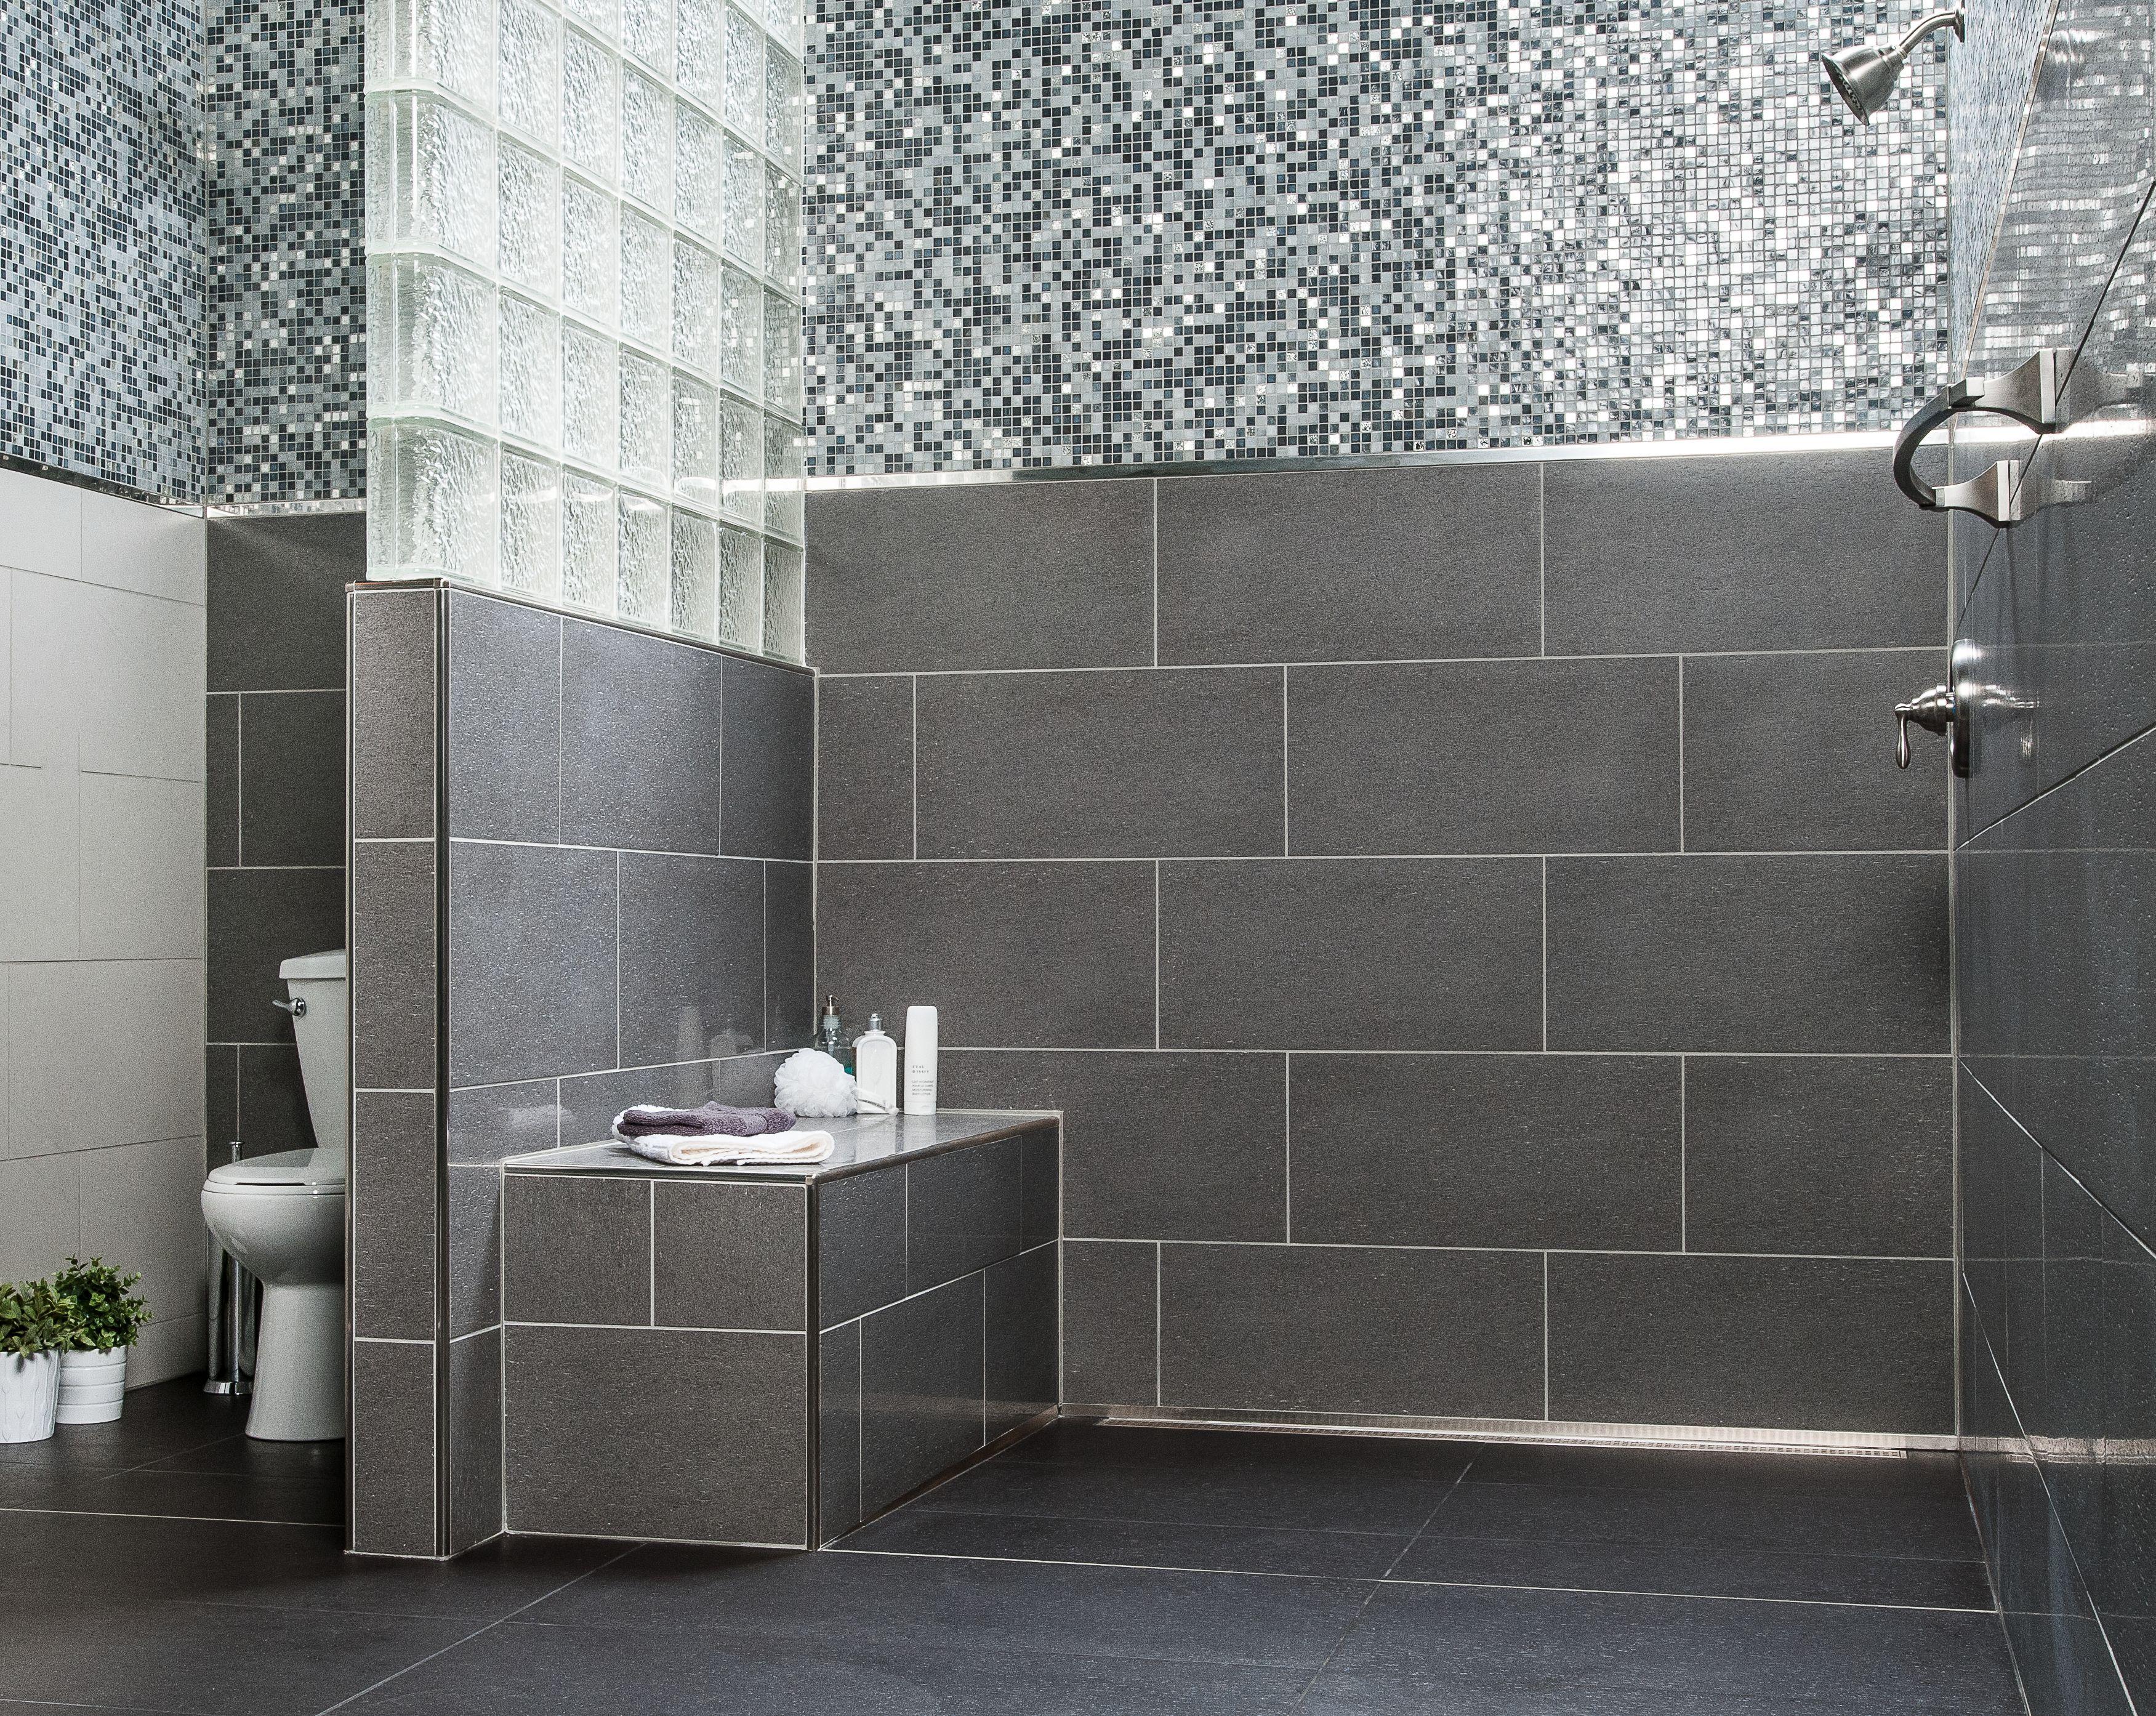 Curbless Shower | Schluter.com